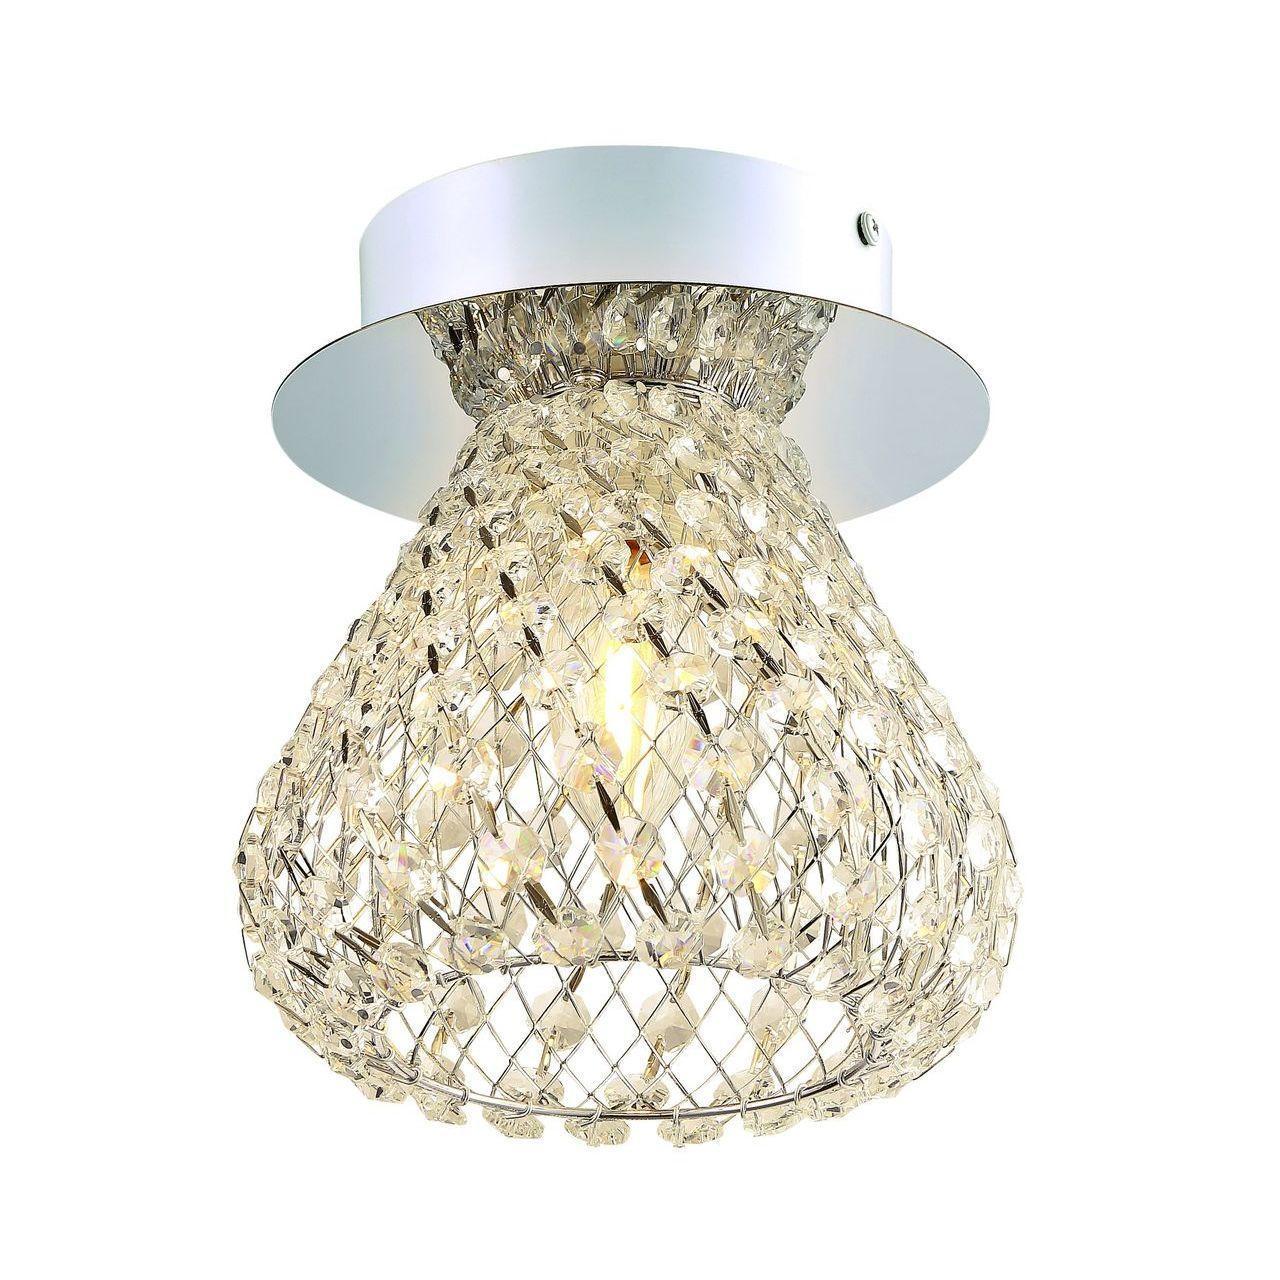 Потолочный светильник Arte Lamp Adamello A9466PL-1CC arte lamp потолочный светильник arte lamp adamello a9466pl 1cc